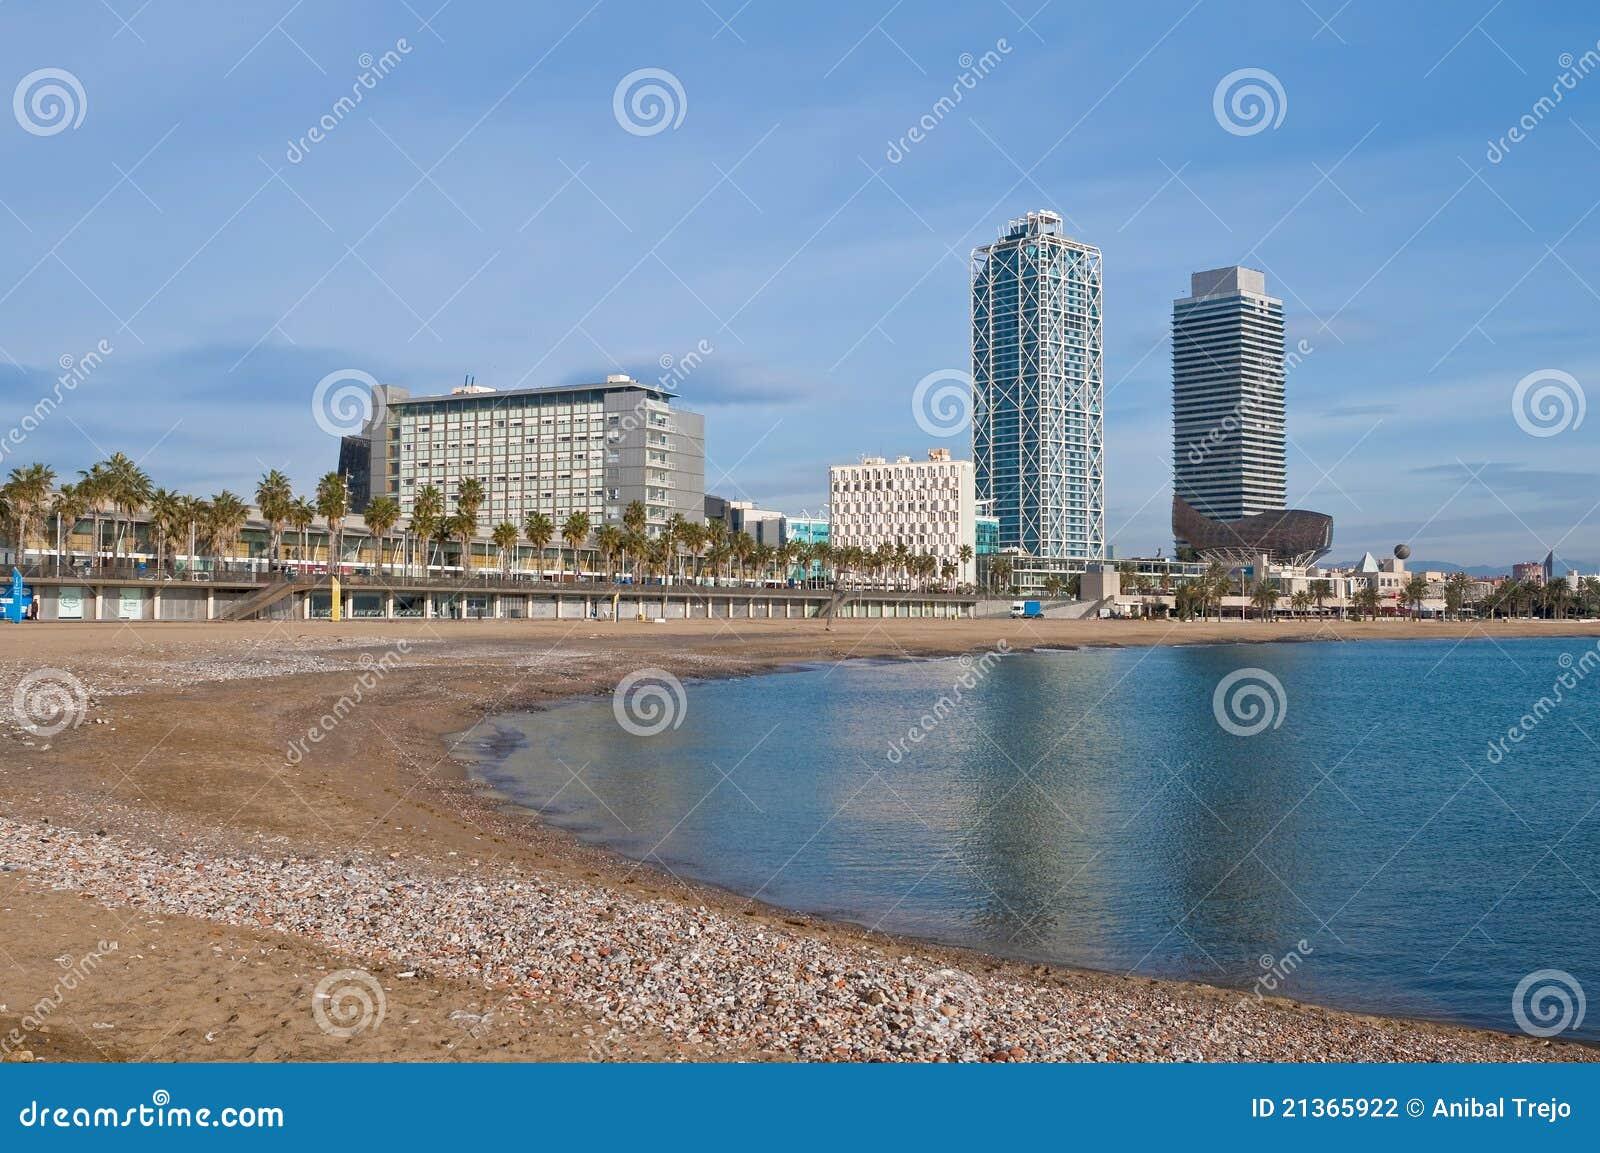 Spiaggia di barceloneta a barcellona spagna fotografia for Spagna barcellona